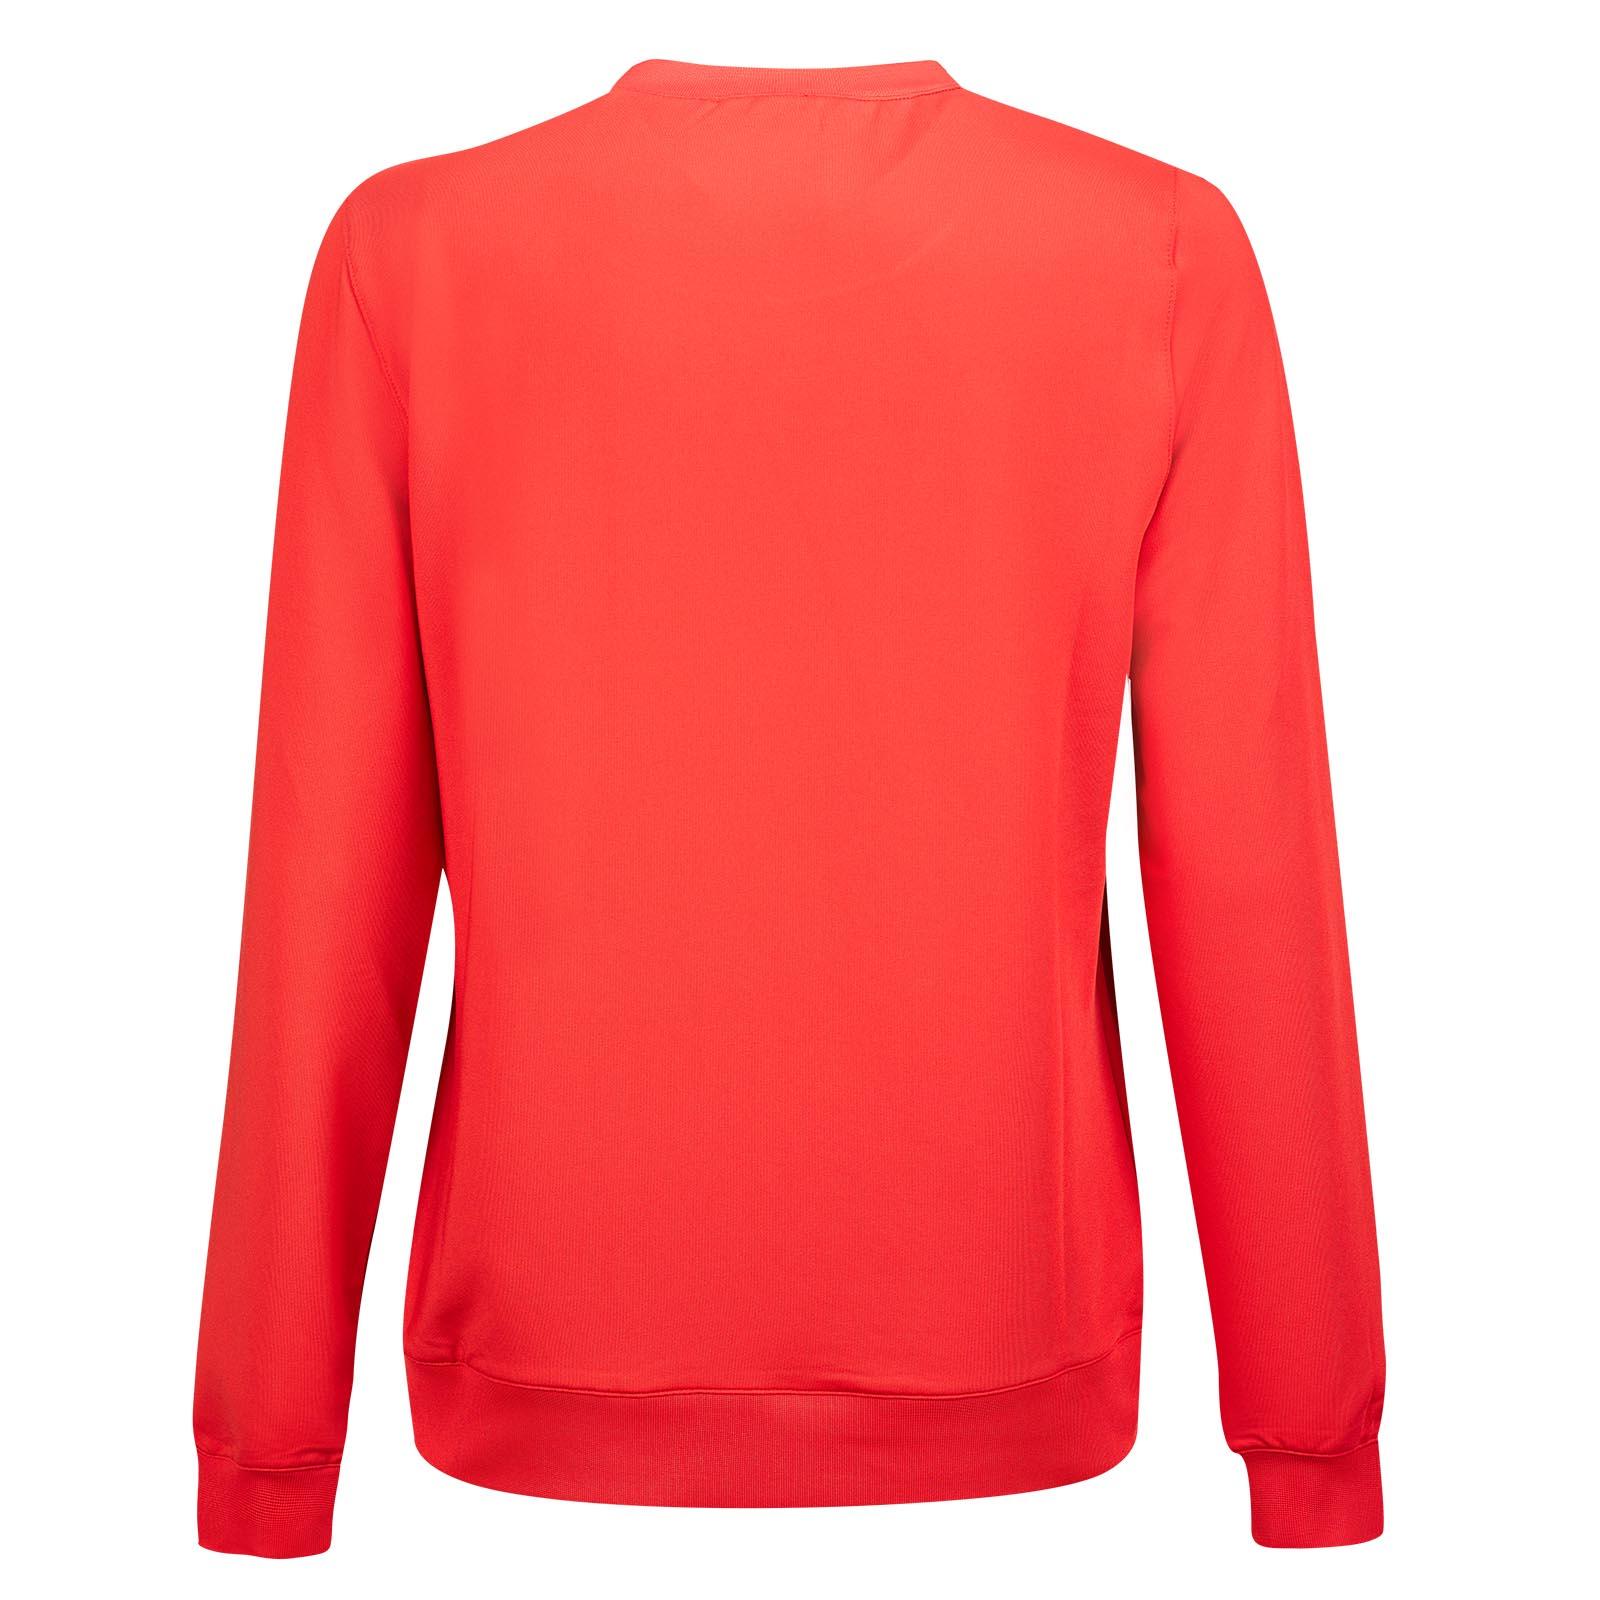 Damen Retro Sport Sweater mit Stretch Funktion und modischem Strass